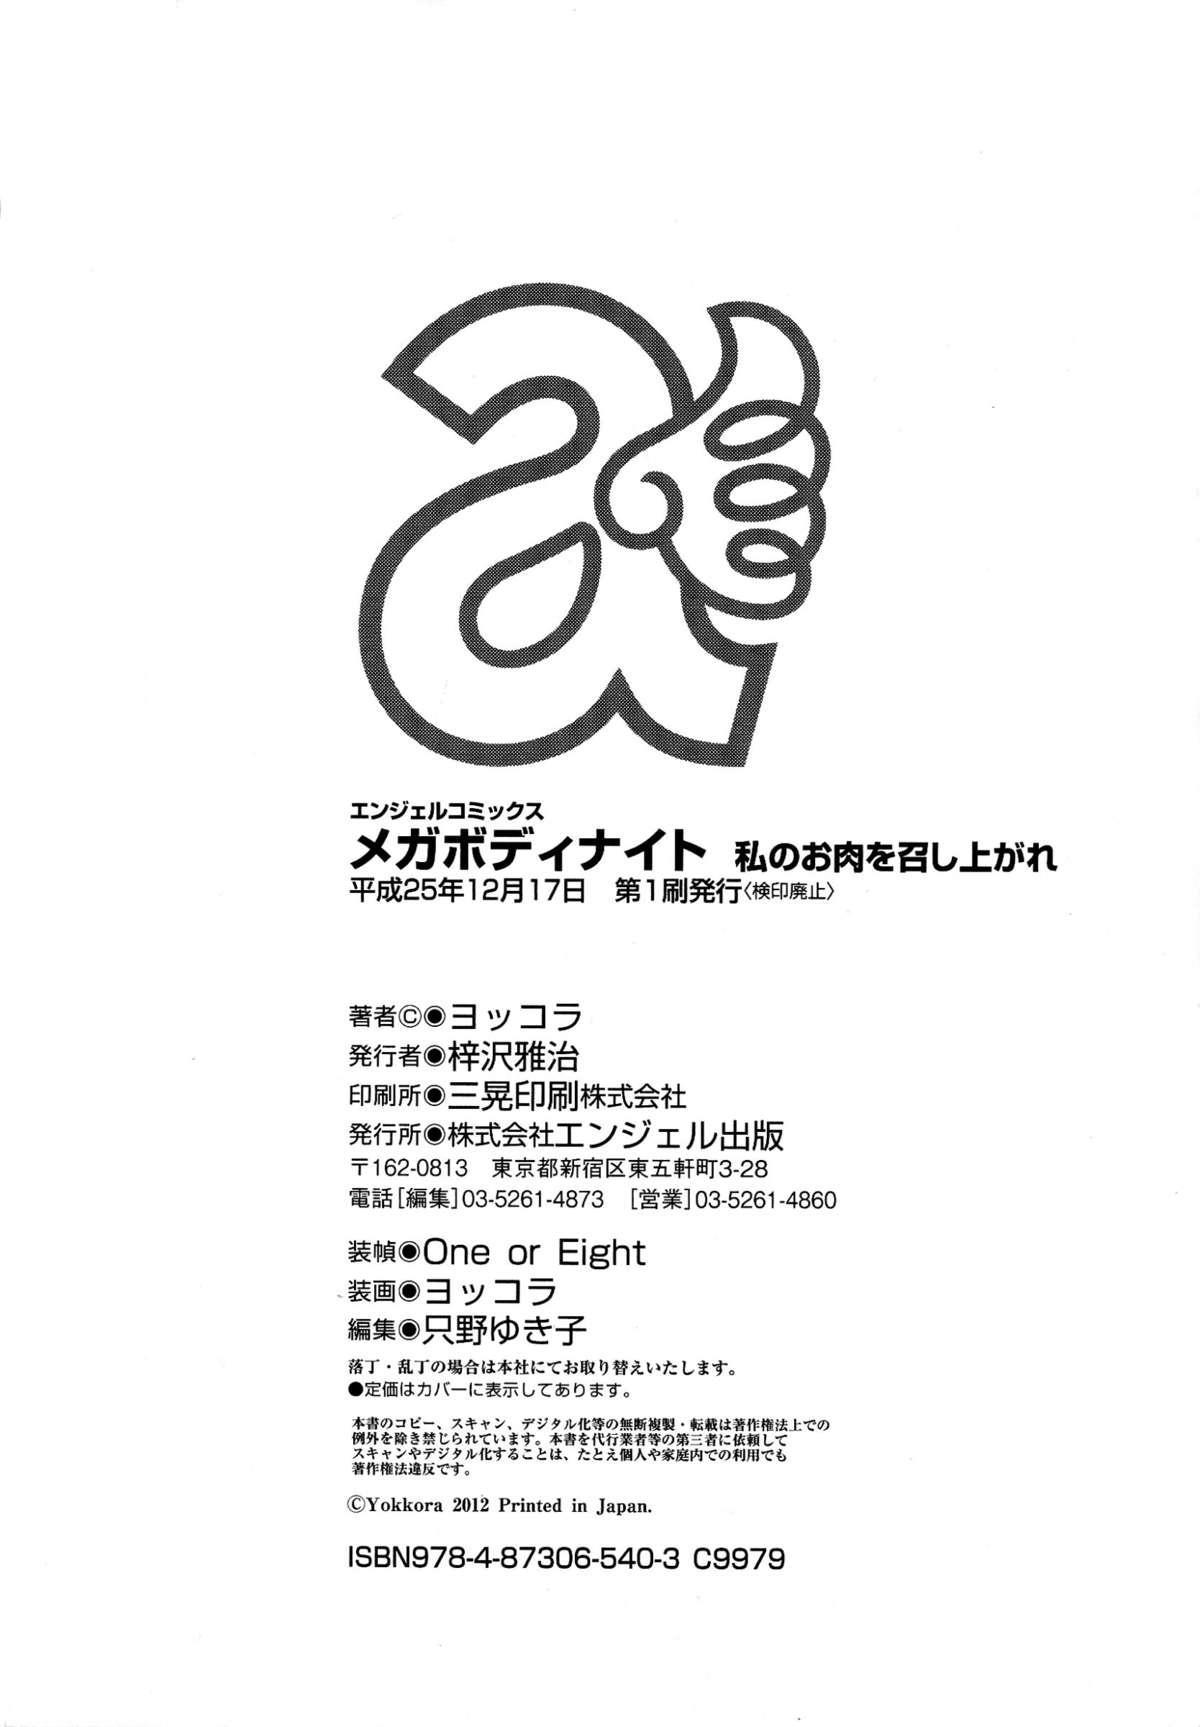 [Yokkora] Megabody Night ~Watashi no Oniku wo Meshiagare~ | Megabody Night ~My voluptuous body & mom love~ [English] {Laruffi + desudesu + EHCOVE} 174